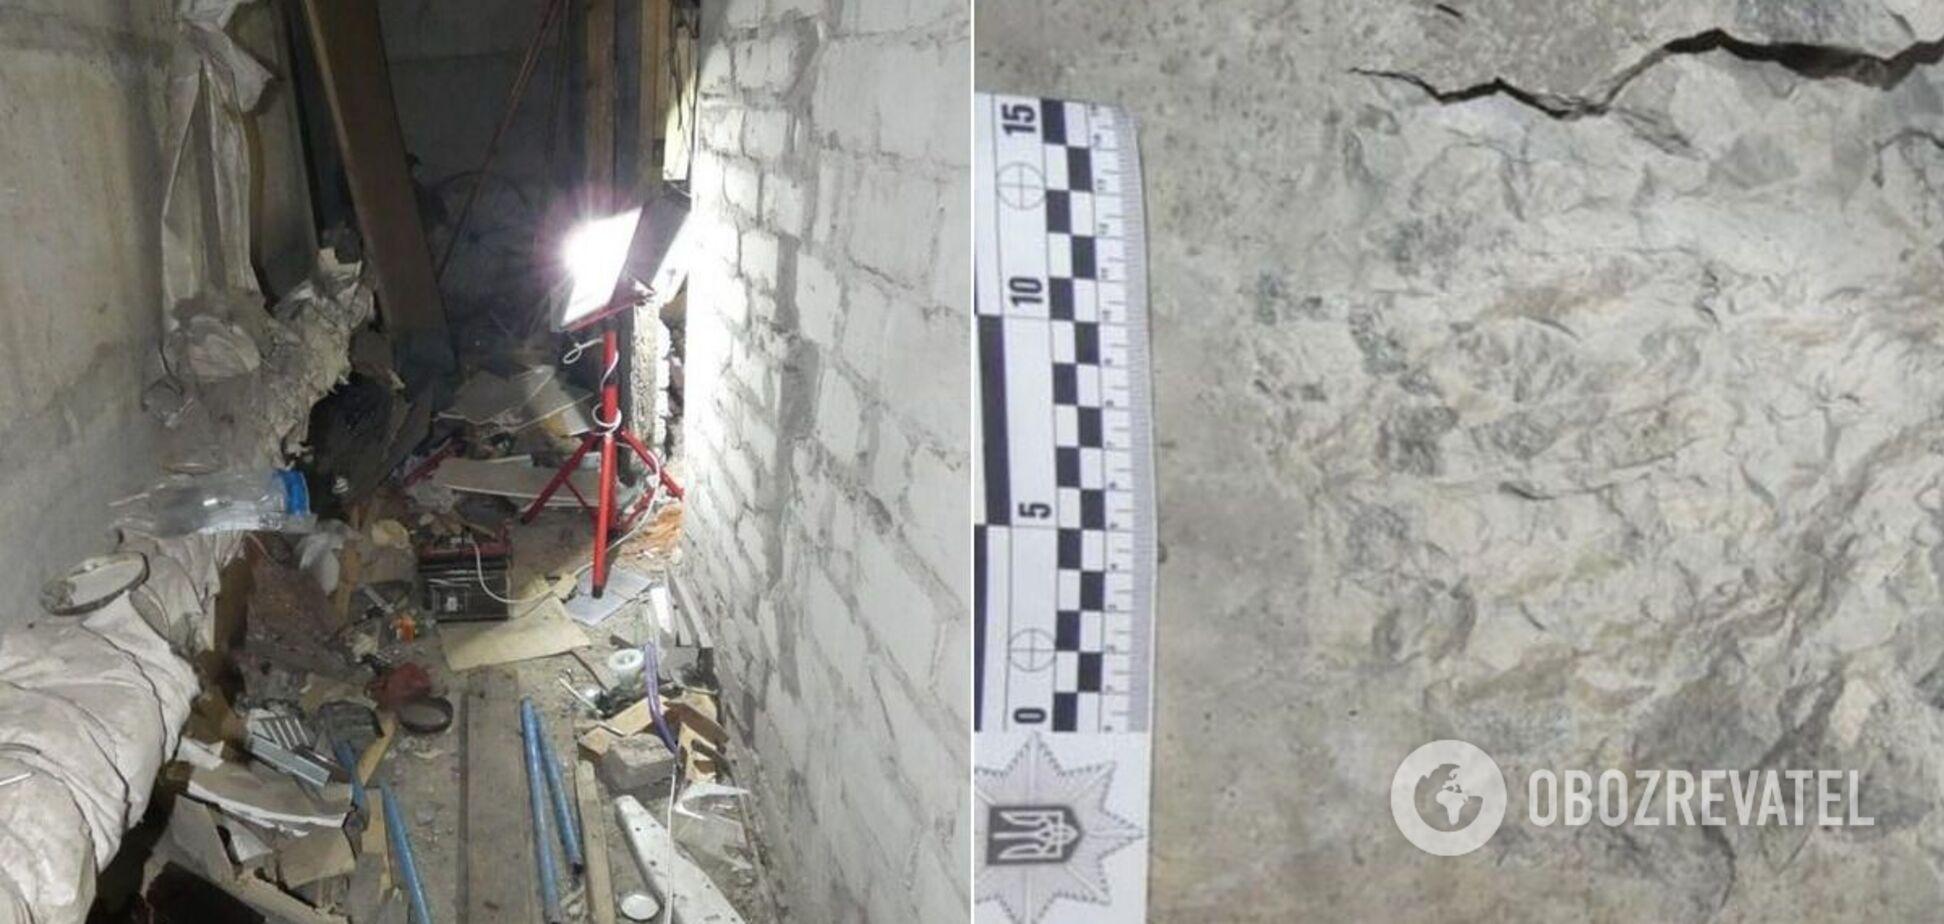 На Луганщине произошел взрыв в доме, есть жертва